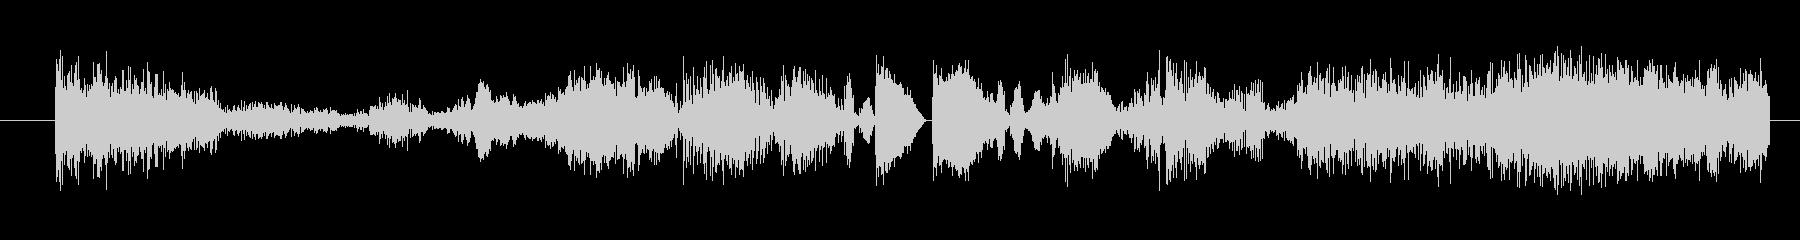 イメージ ボーカルグリッチ05の未再生の波形